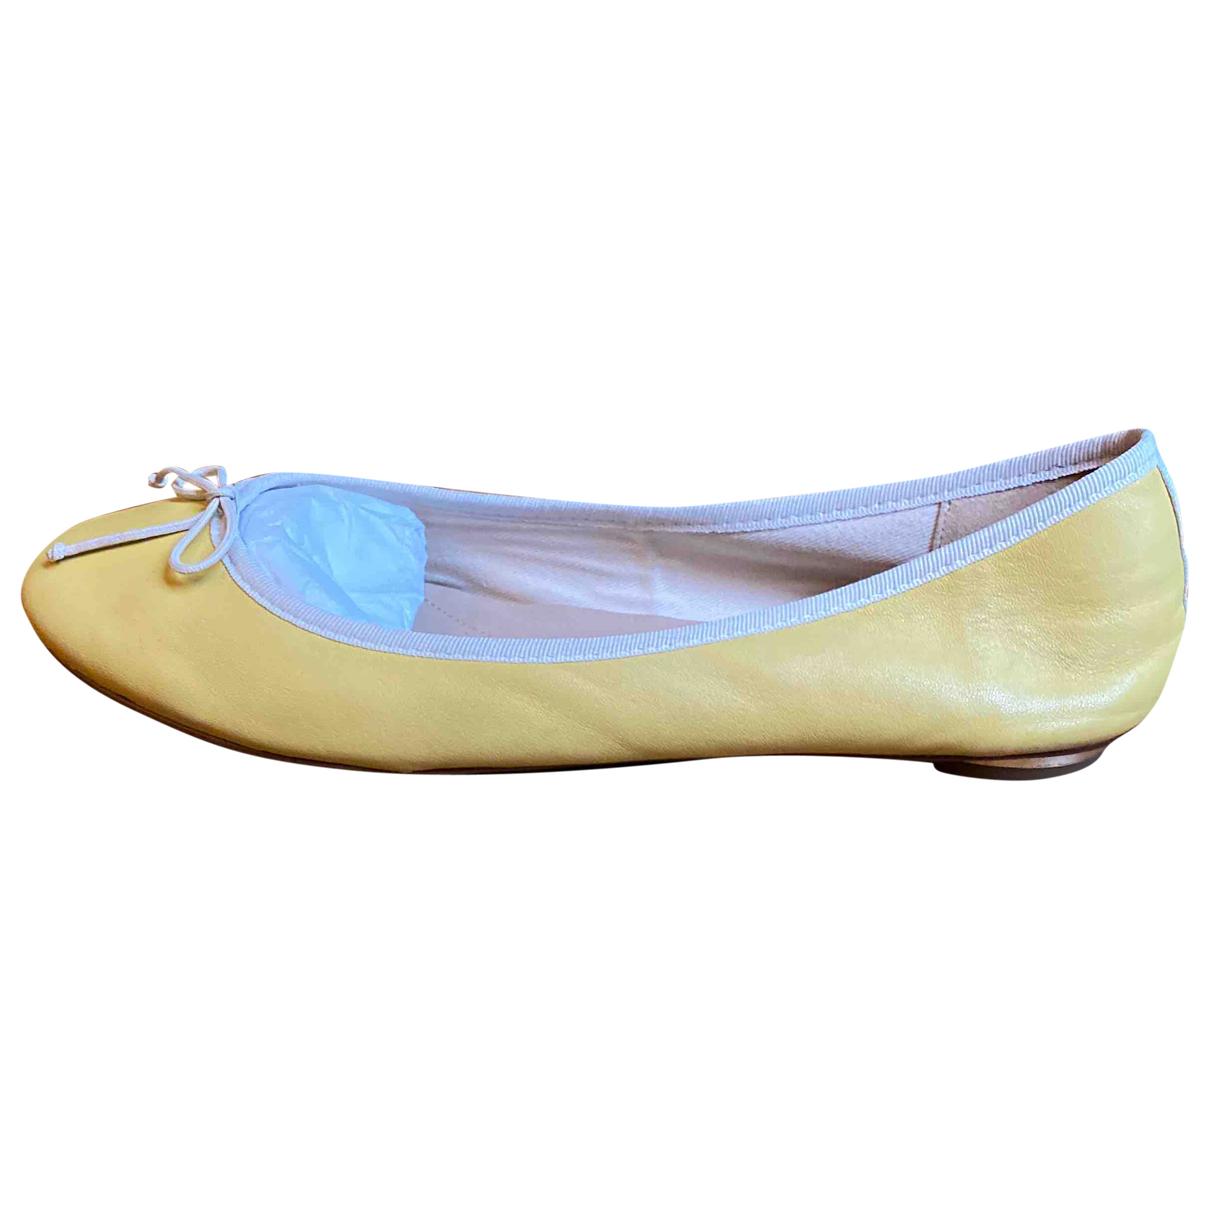 Massimo Dutti \N Ballerinas in  Gelb Leder